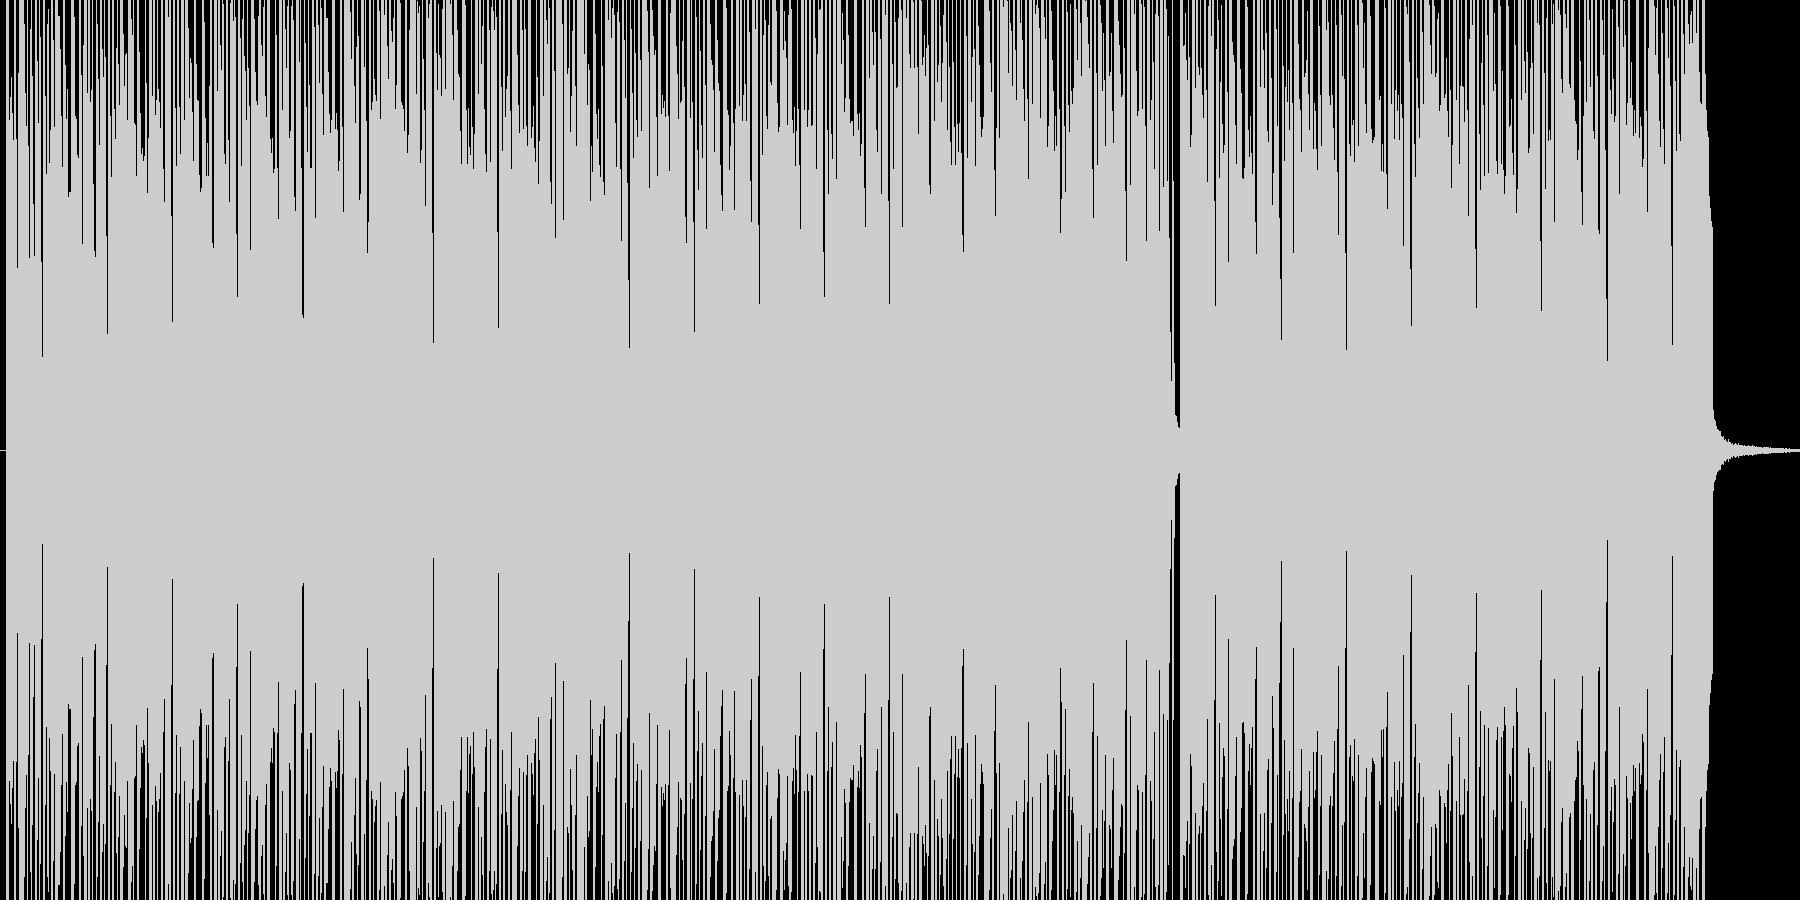 ボサノバ風BGM BPM140 の未再生の波形